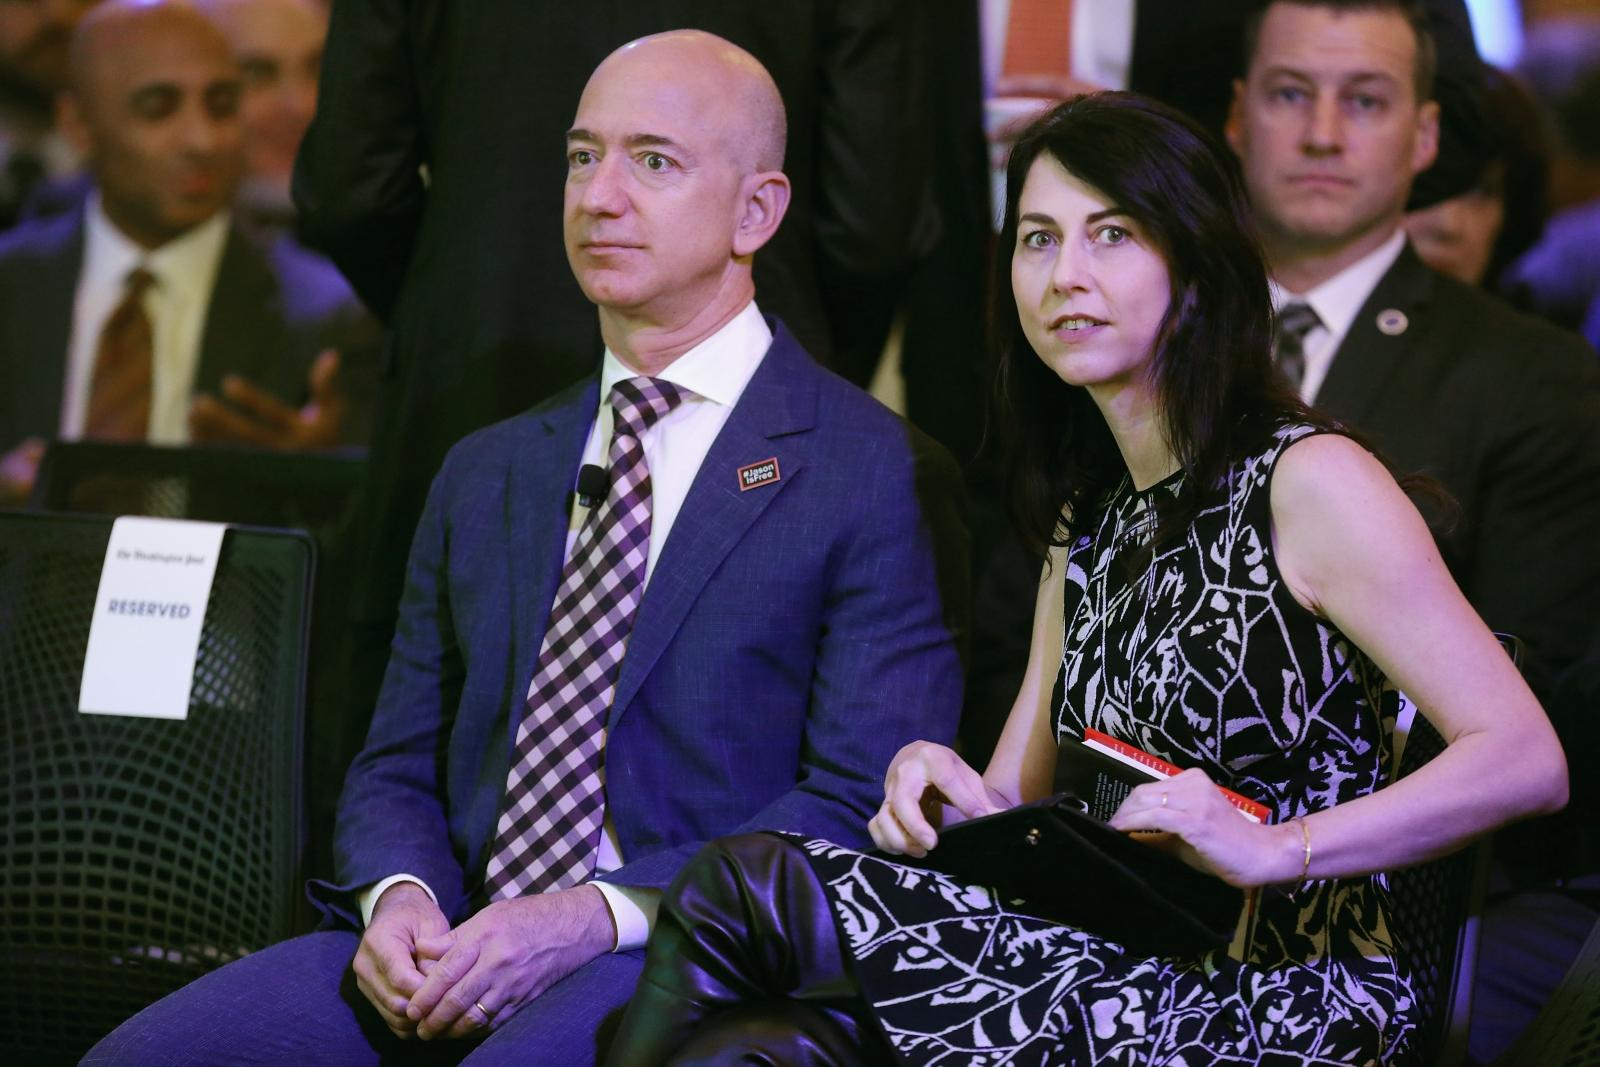 Маккензи Безос може да стане един от най-богатите хора в света.